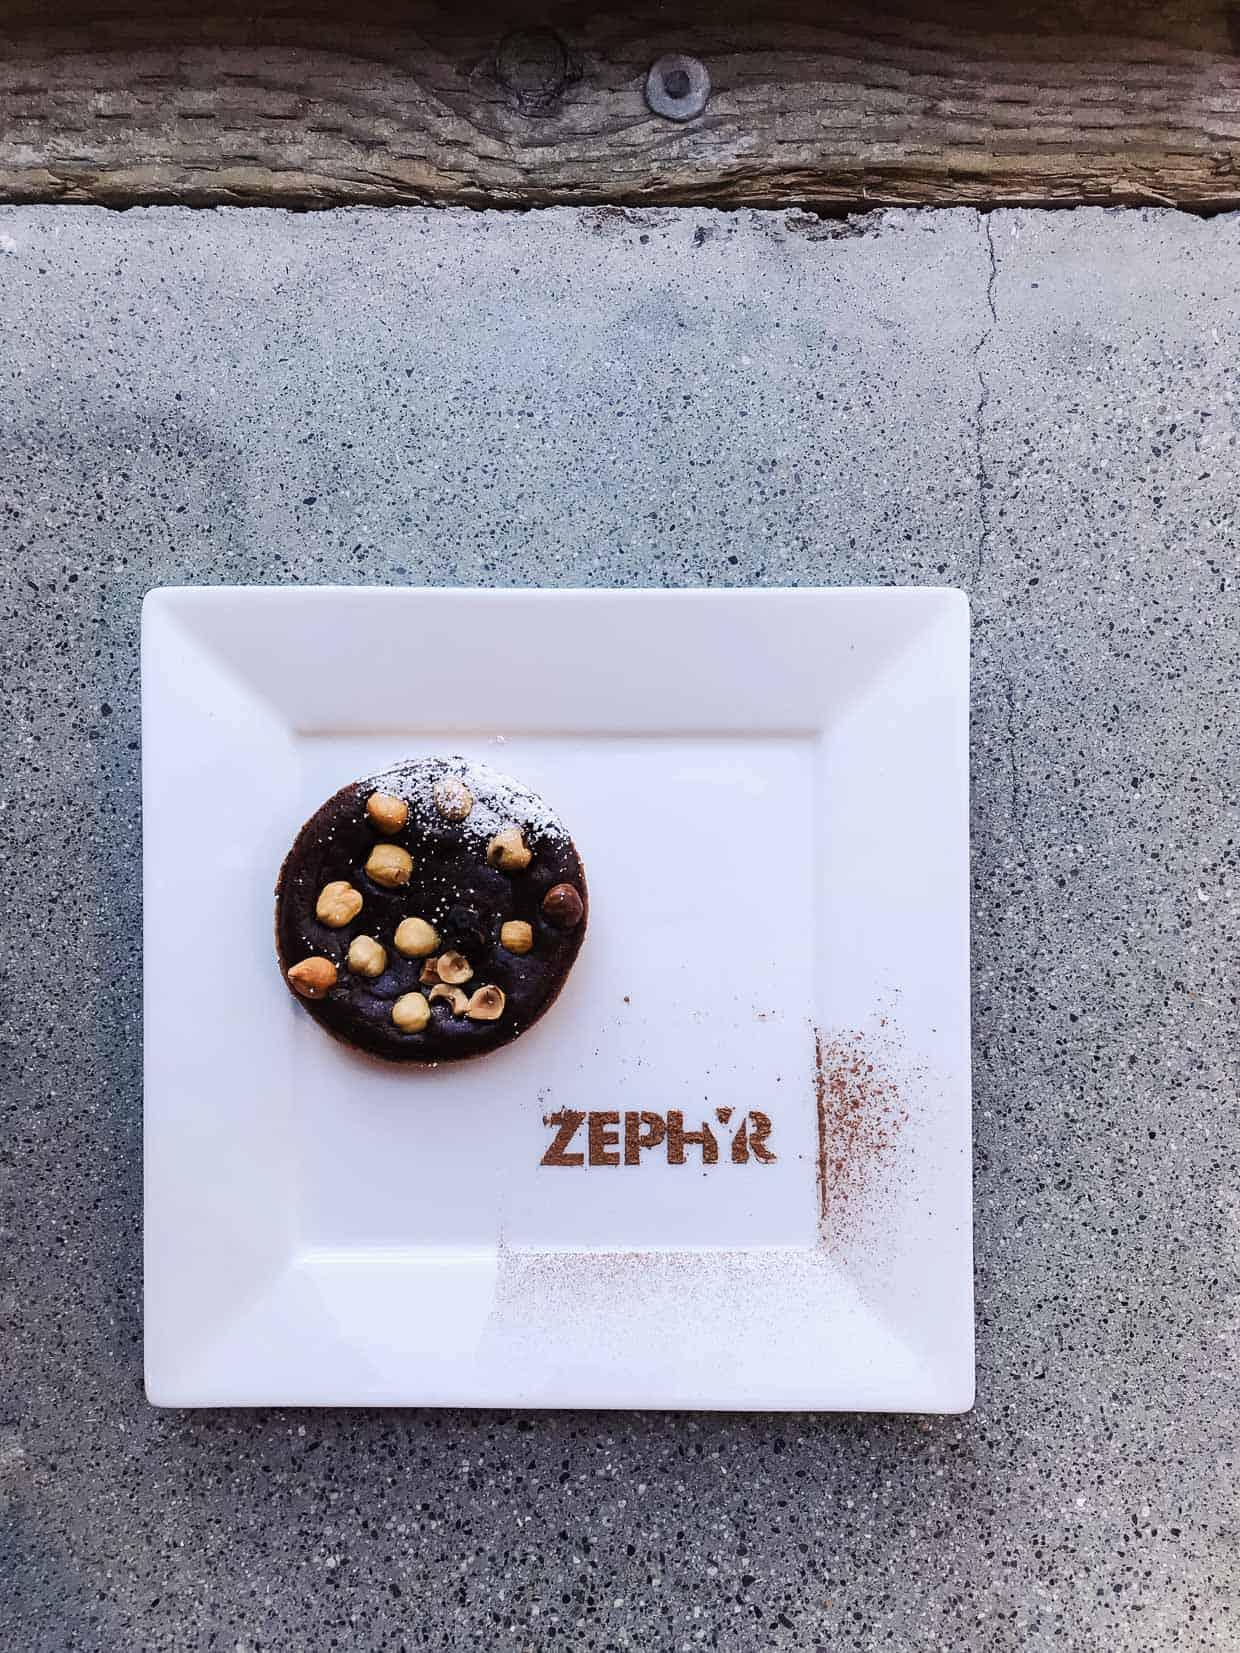 Dessert at Zephyr Showroom and the Zephyr Designer Retreat. #sponsored by Zephyr Ventilation. #ZephyrDesignTribe #ZephyrDesignerRetreat2017.